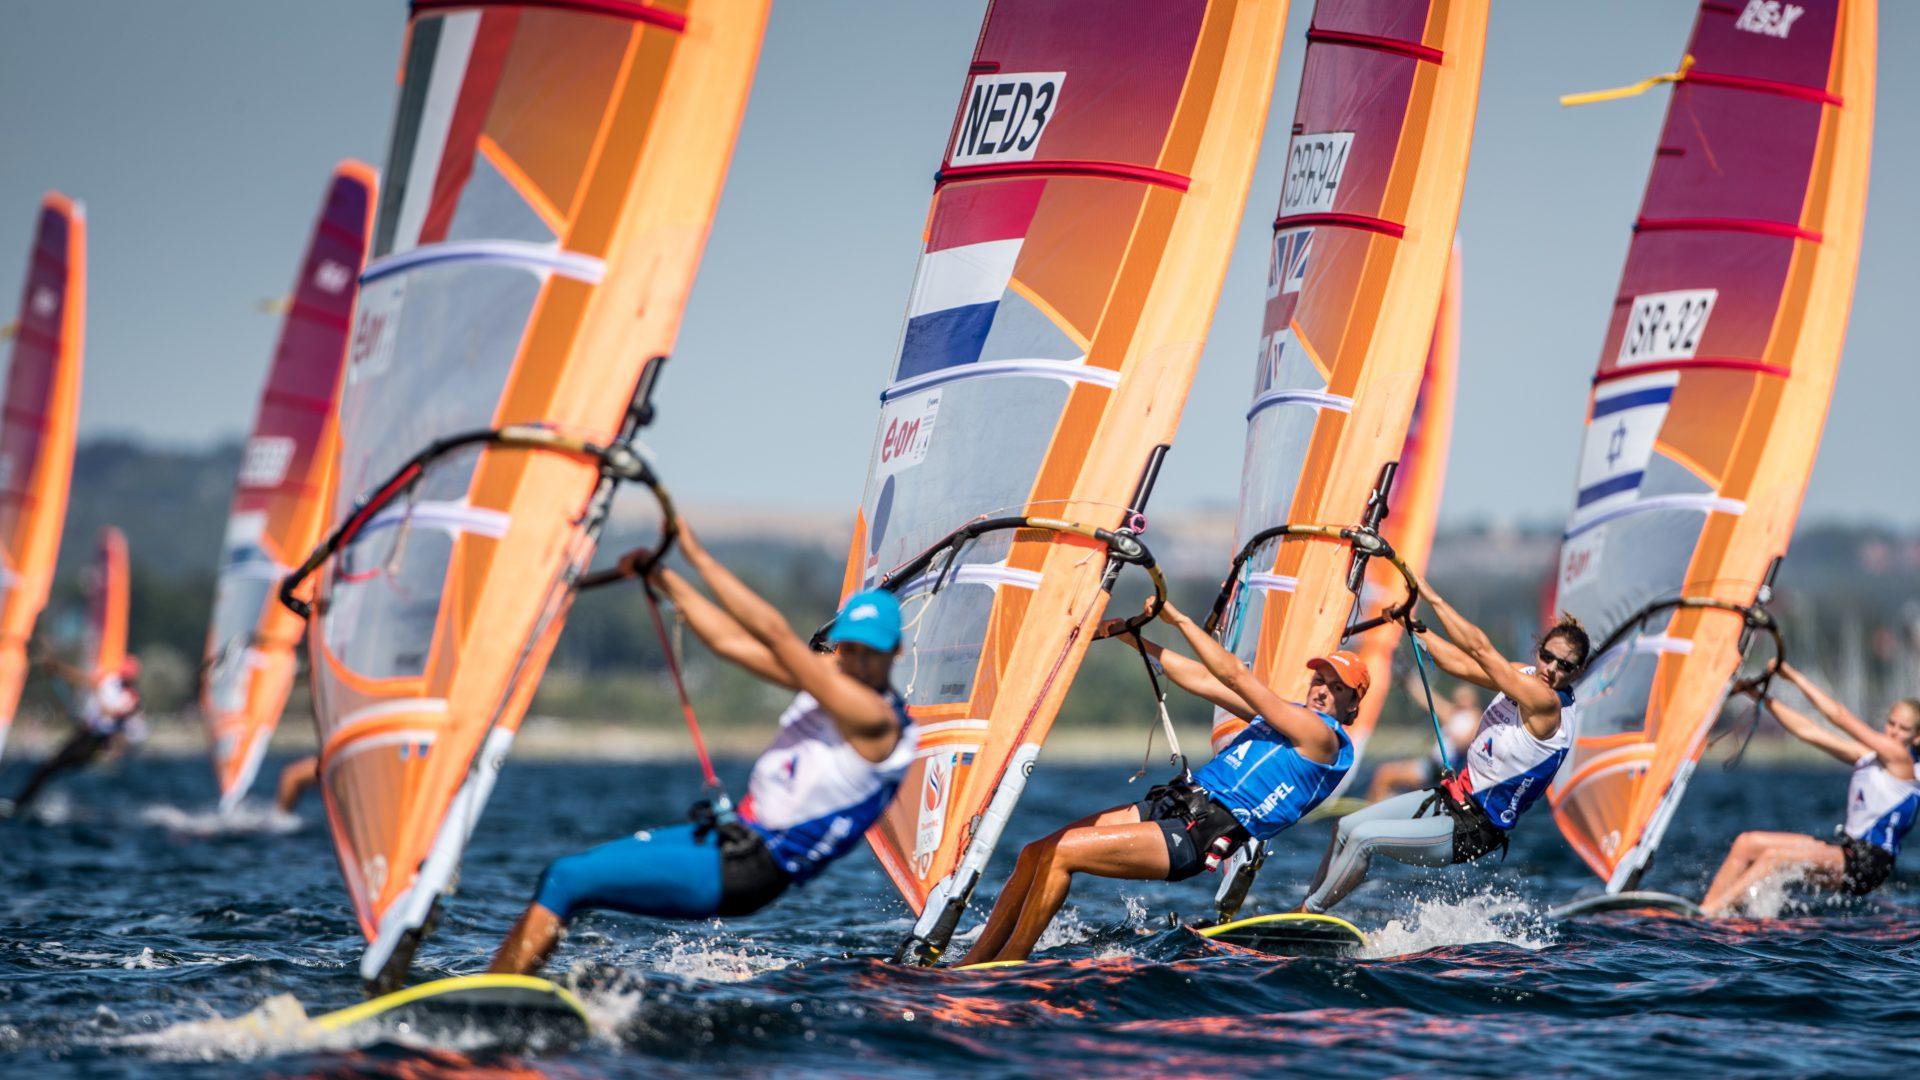 Allianz Wereldkampioen schappen zeilen 2023